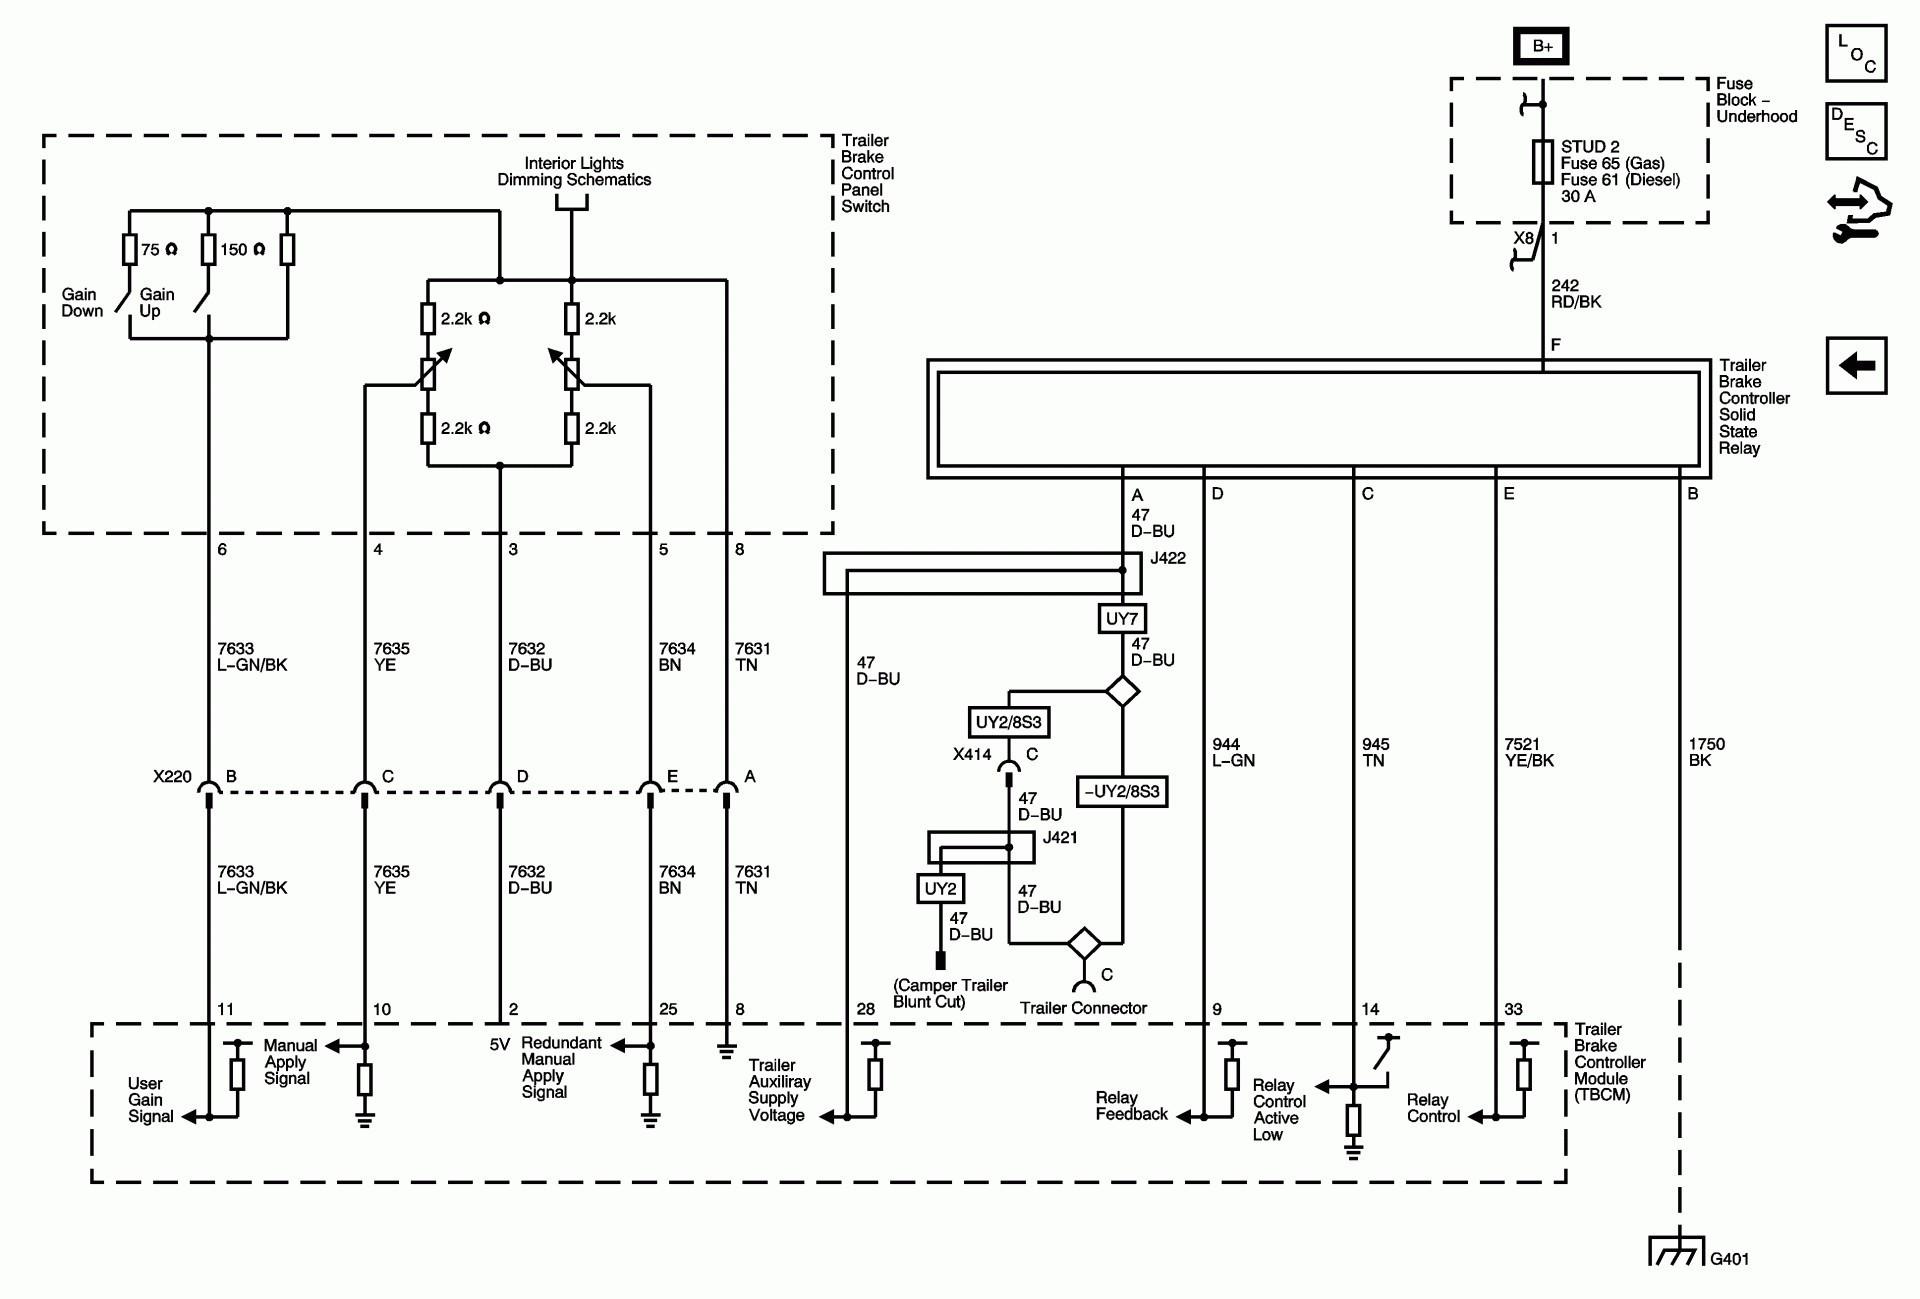 Electric Trailer Brakes Wiring Diagram Wiring Diagram Trailer Brakes Refrence Tekonsharodigy2 Wiring Of Electric Trailer Brakes Wiring Diagram